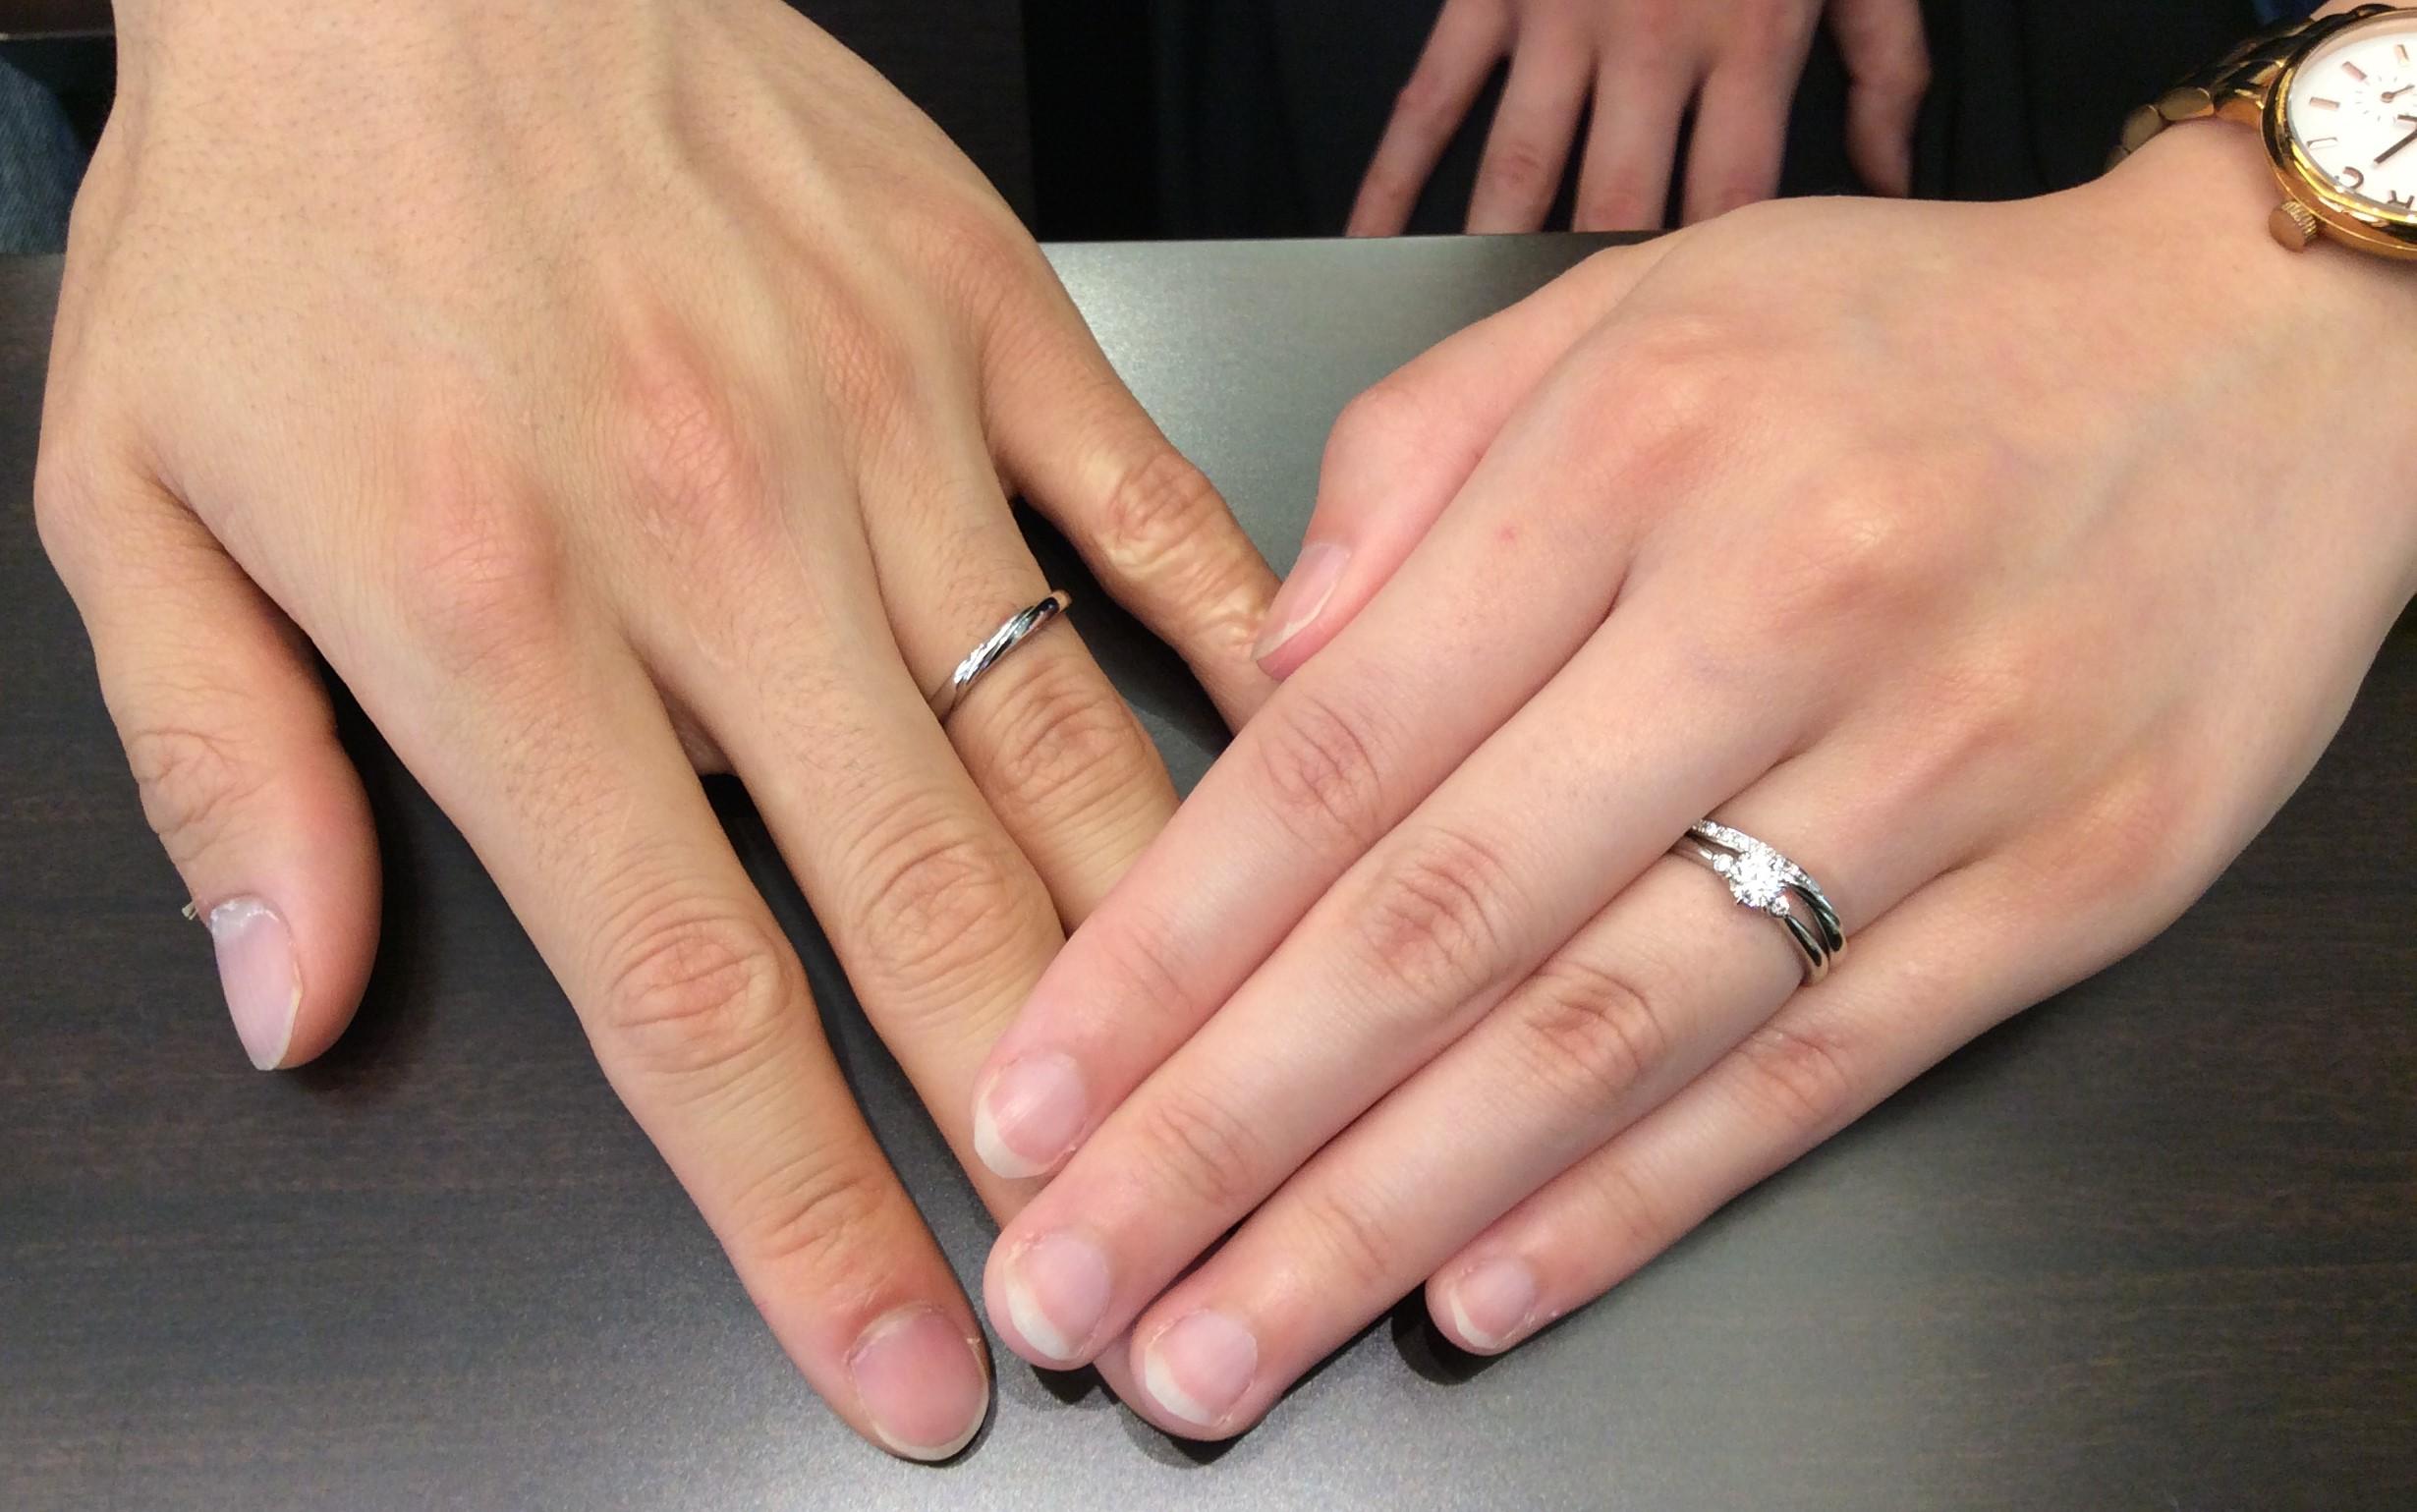 婚約指輪 結婚指輪  ルシエのセットリング 「セリーン&リップル」   (新潟市/五十嵐祥允様&土屋望美様)